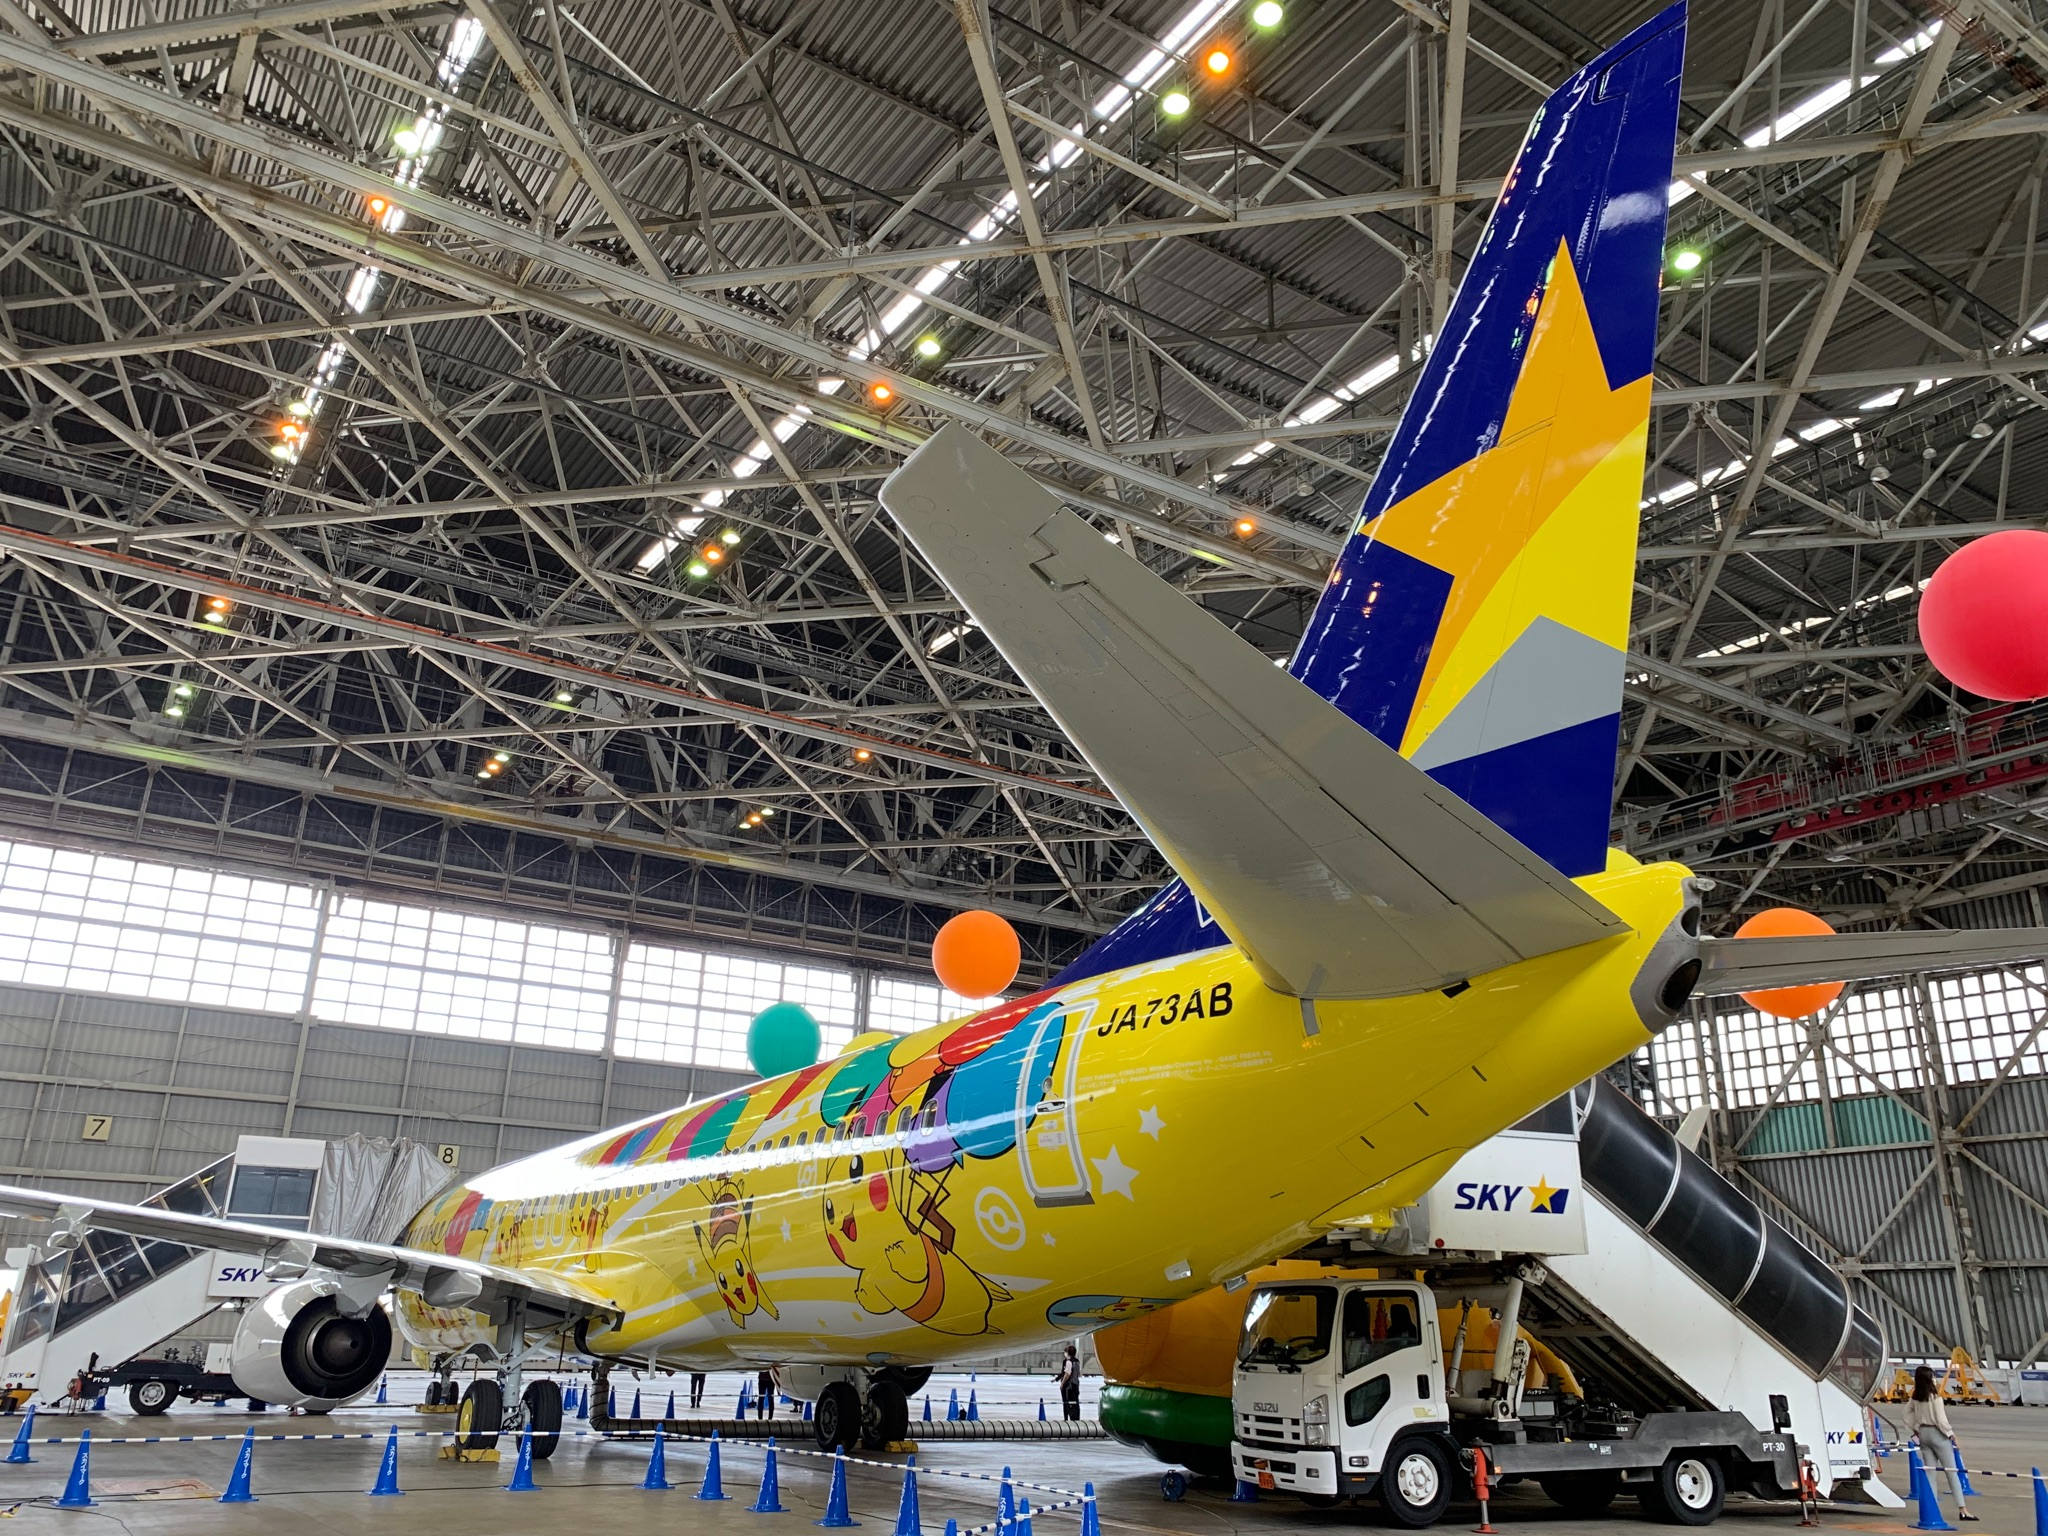 全新《宝可梦》主题涂装客机公开 将欢乐带向天空